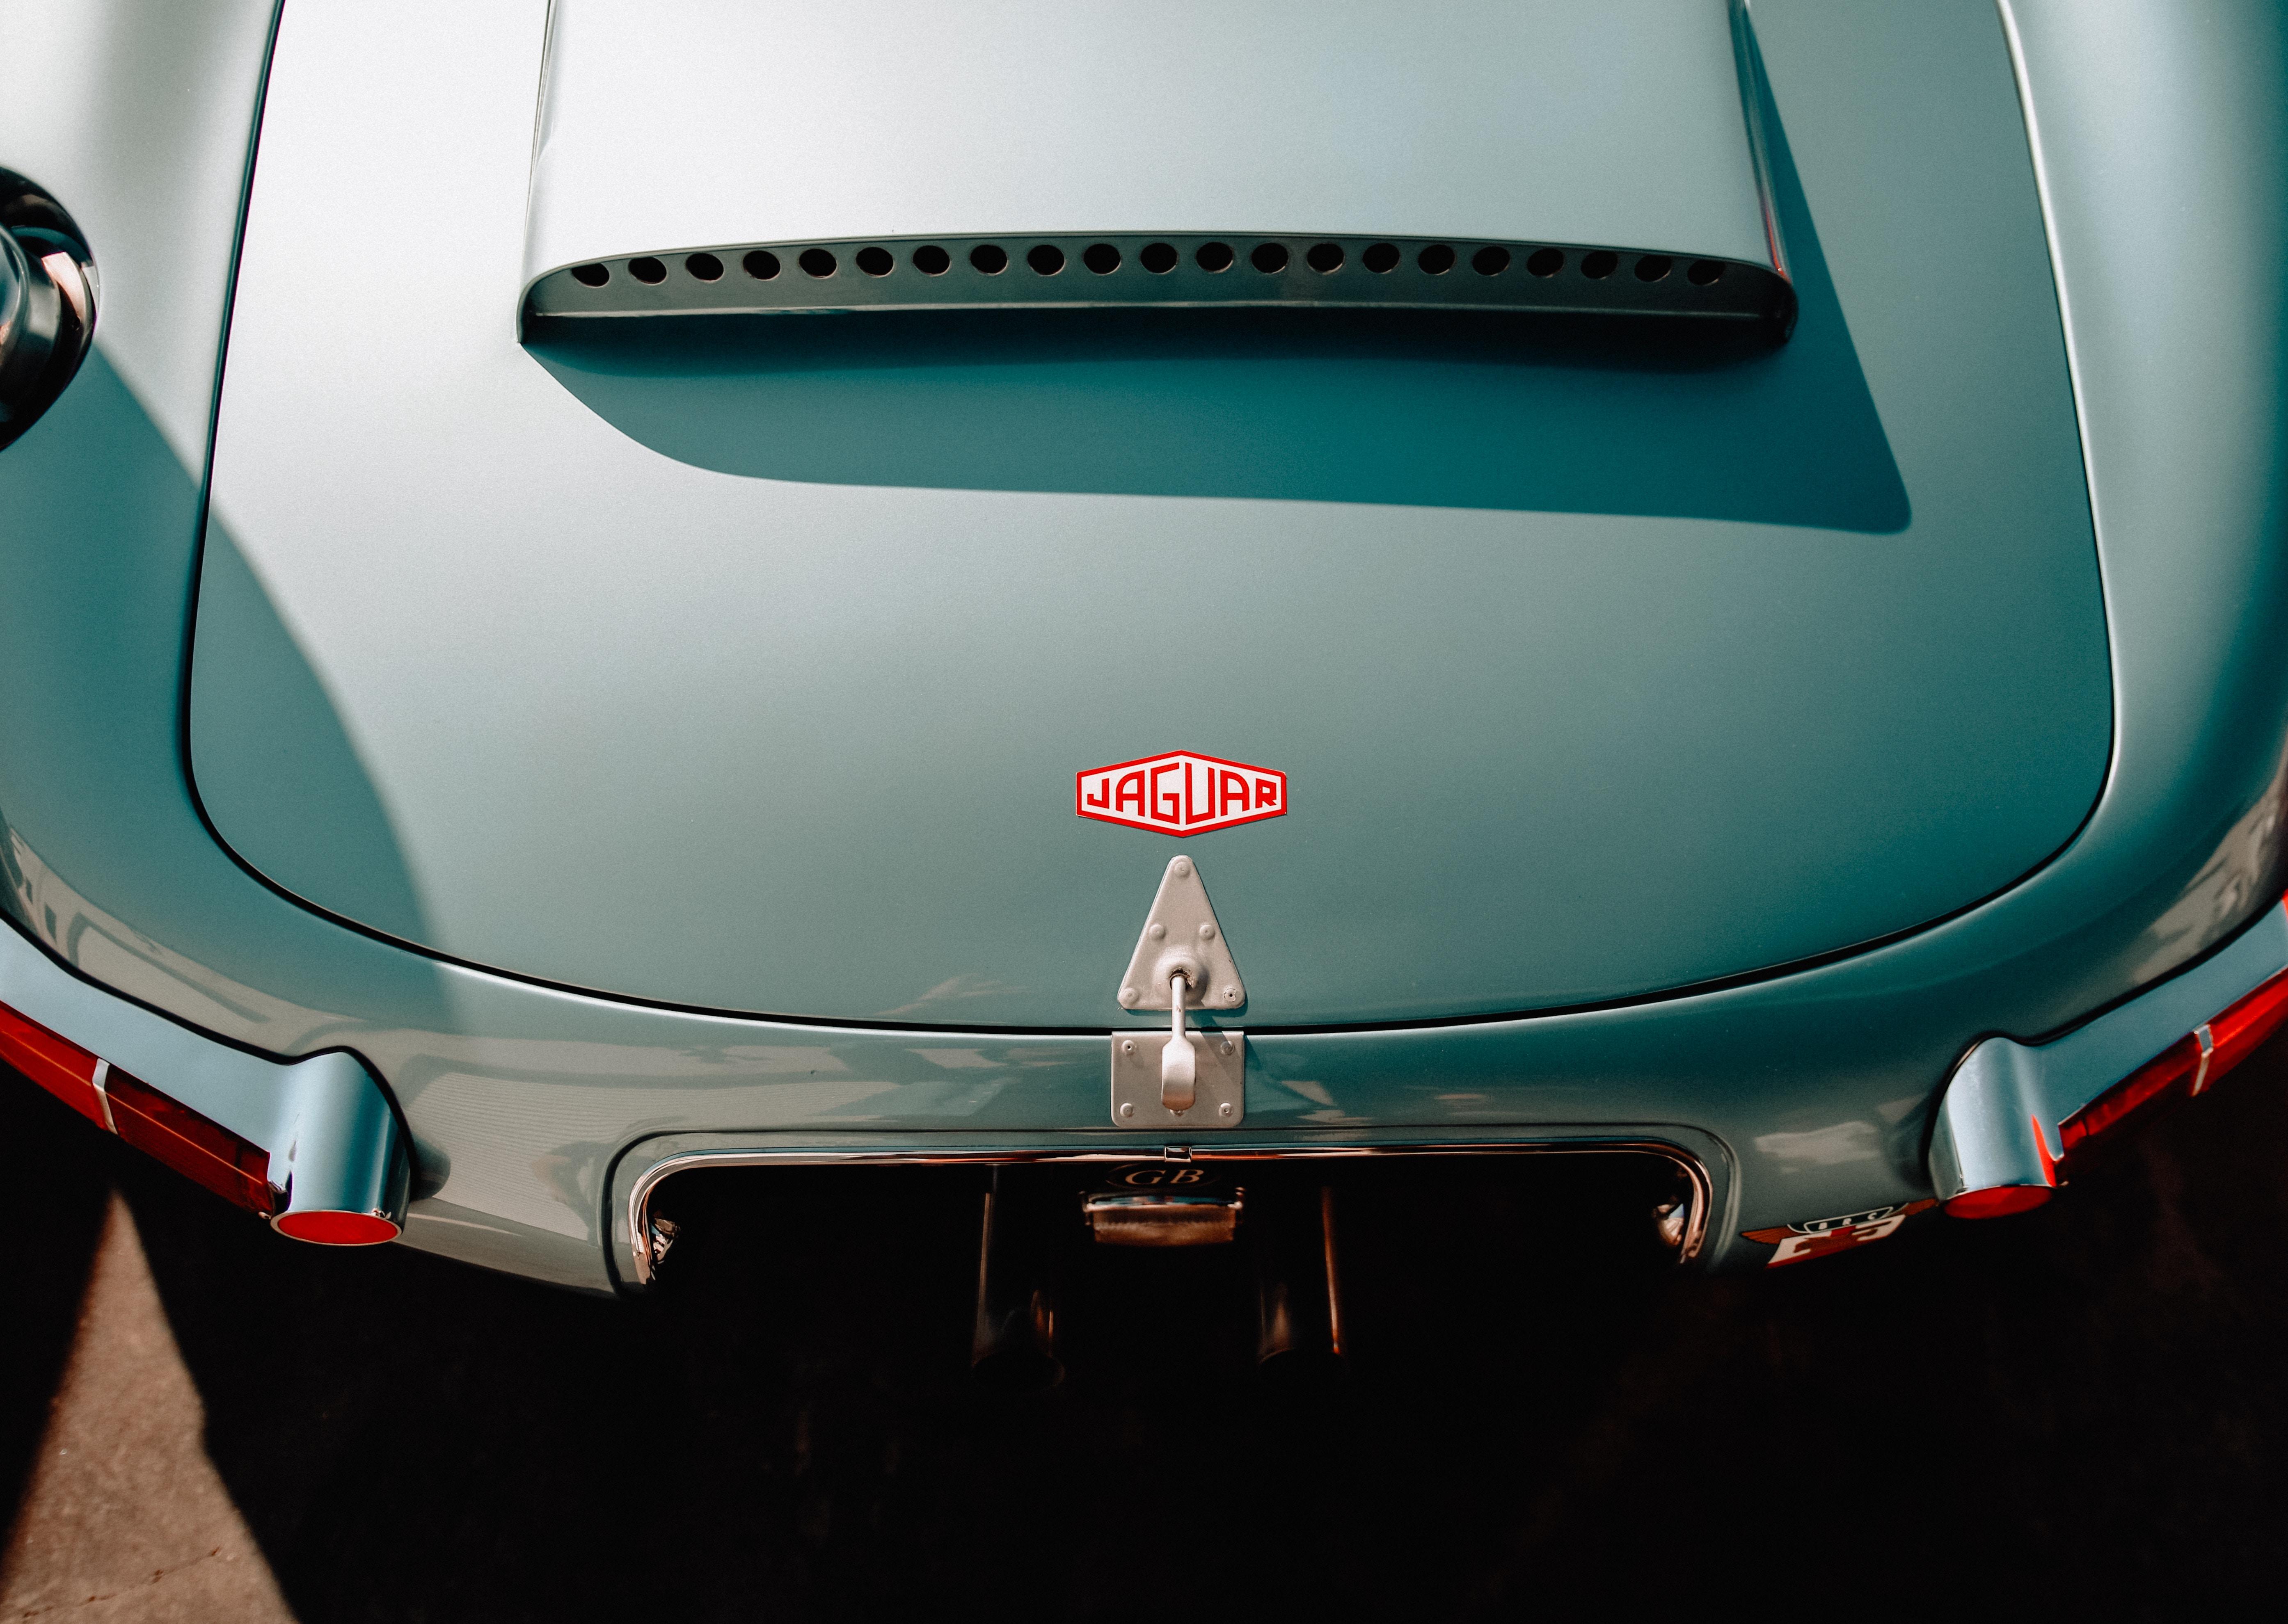 車選び.comの口コミは?サービス利用者の声を紹介